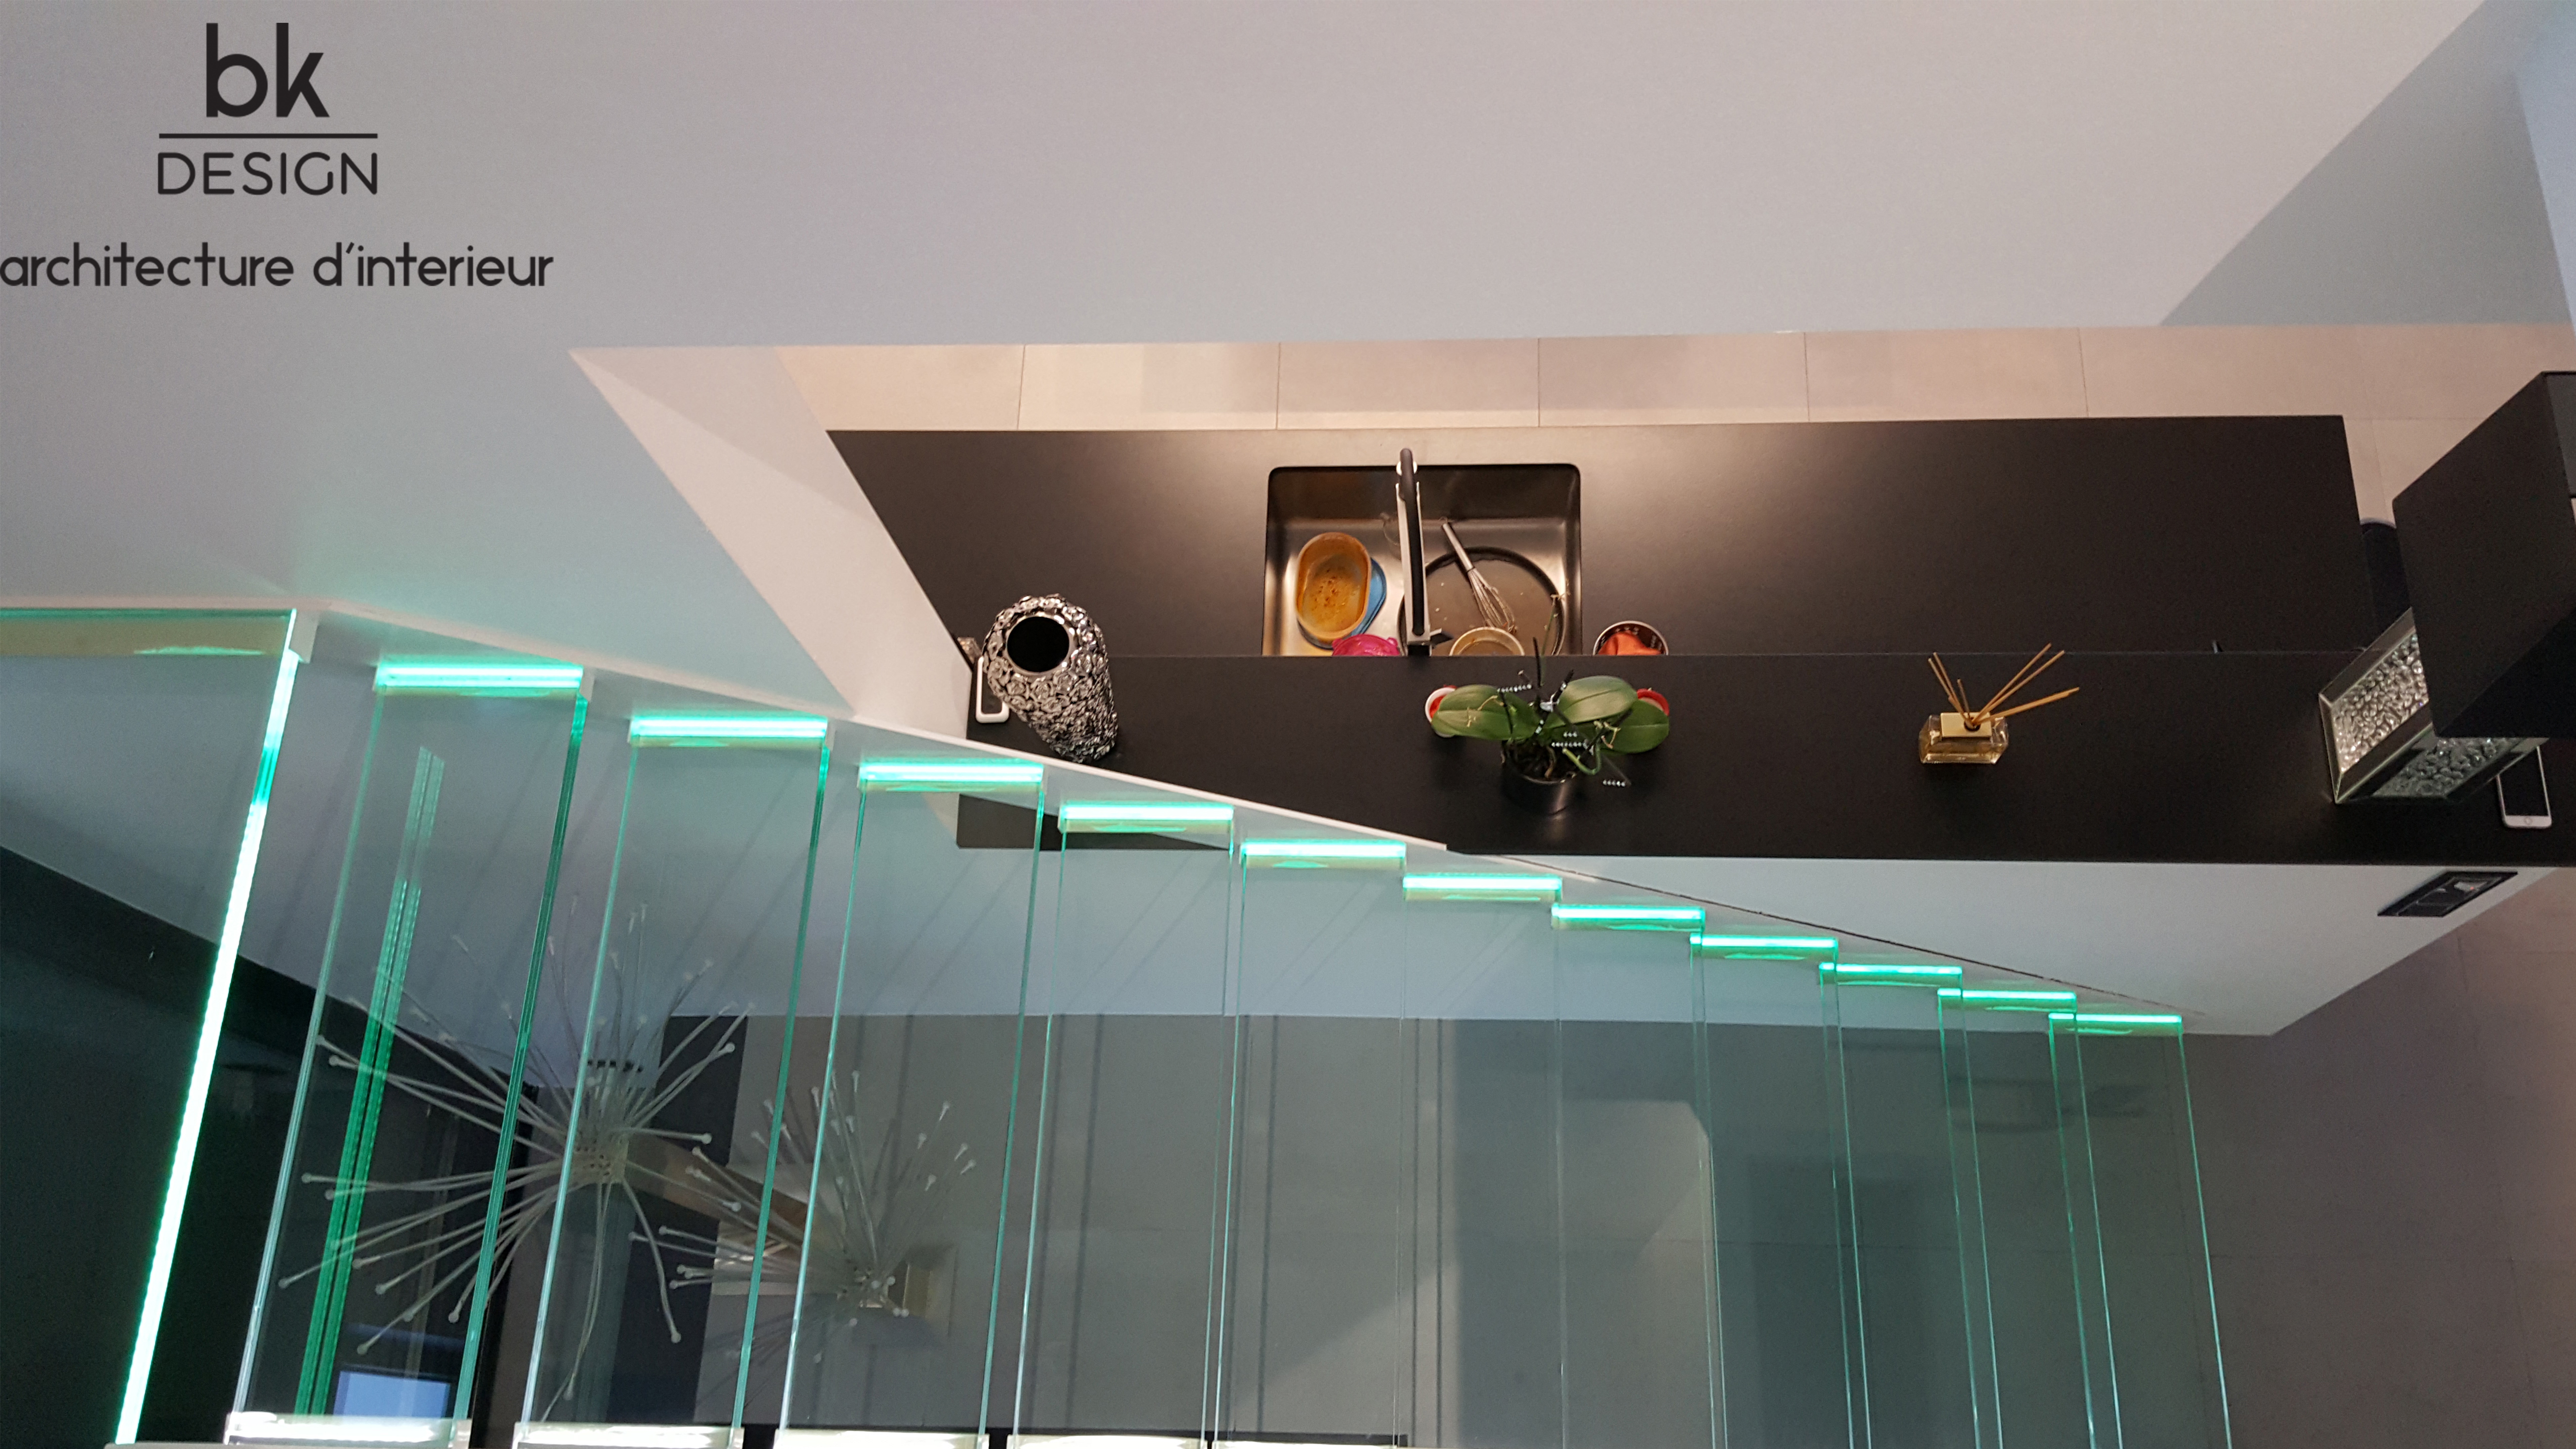 architecte intérieur metz thionville nancy lorraine projets bk design